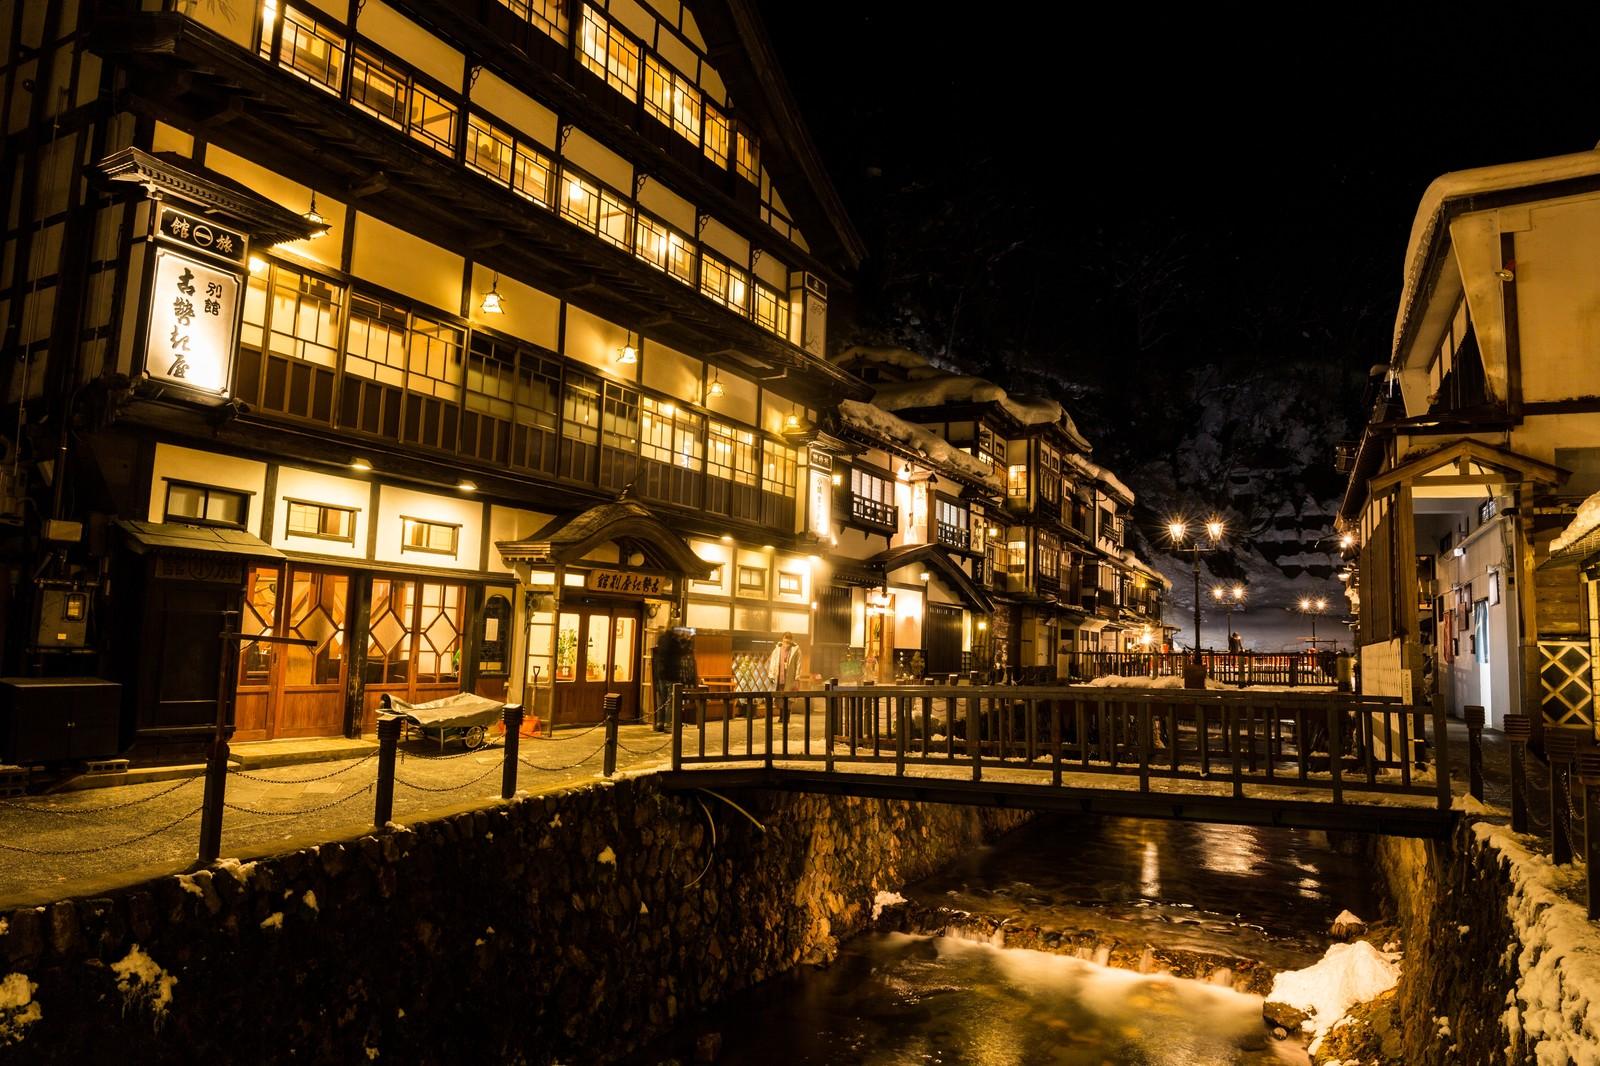 日本旅館の夜